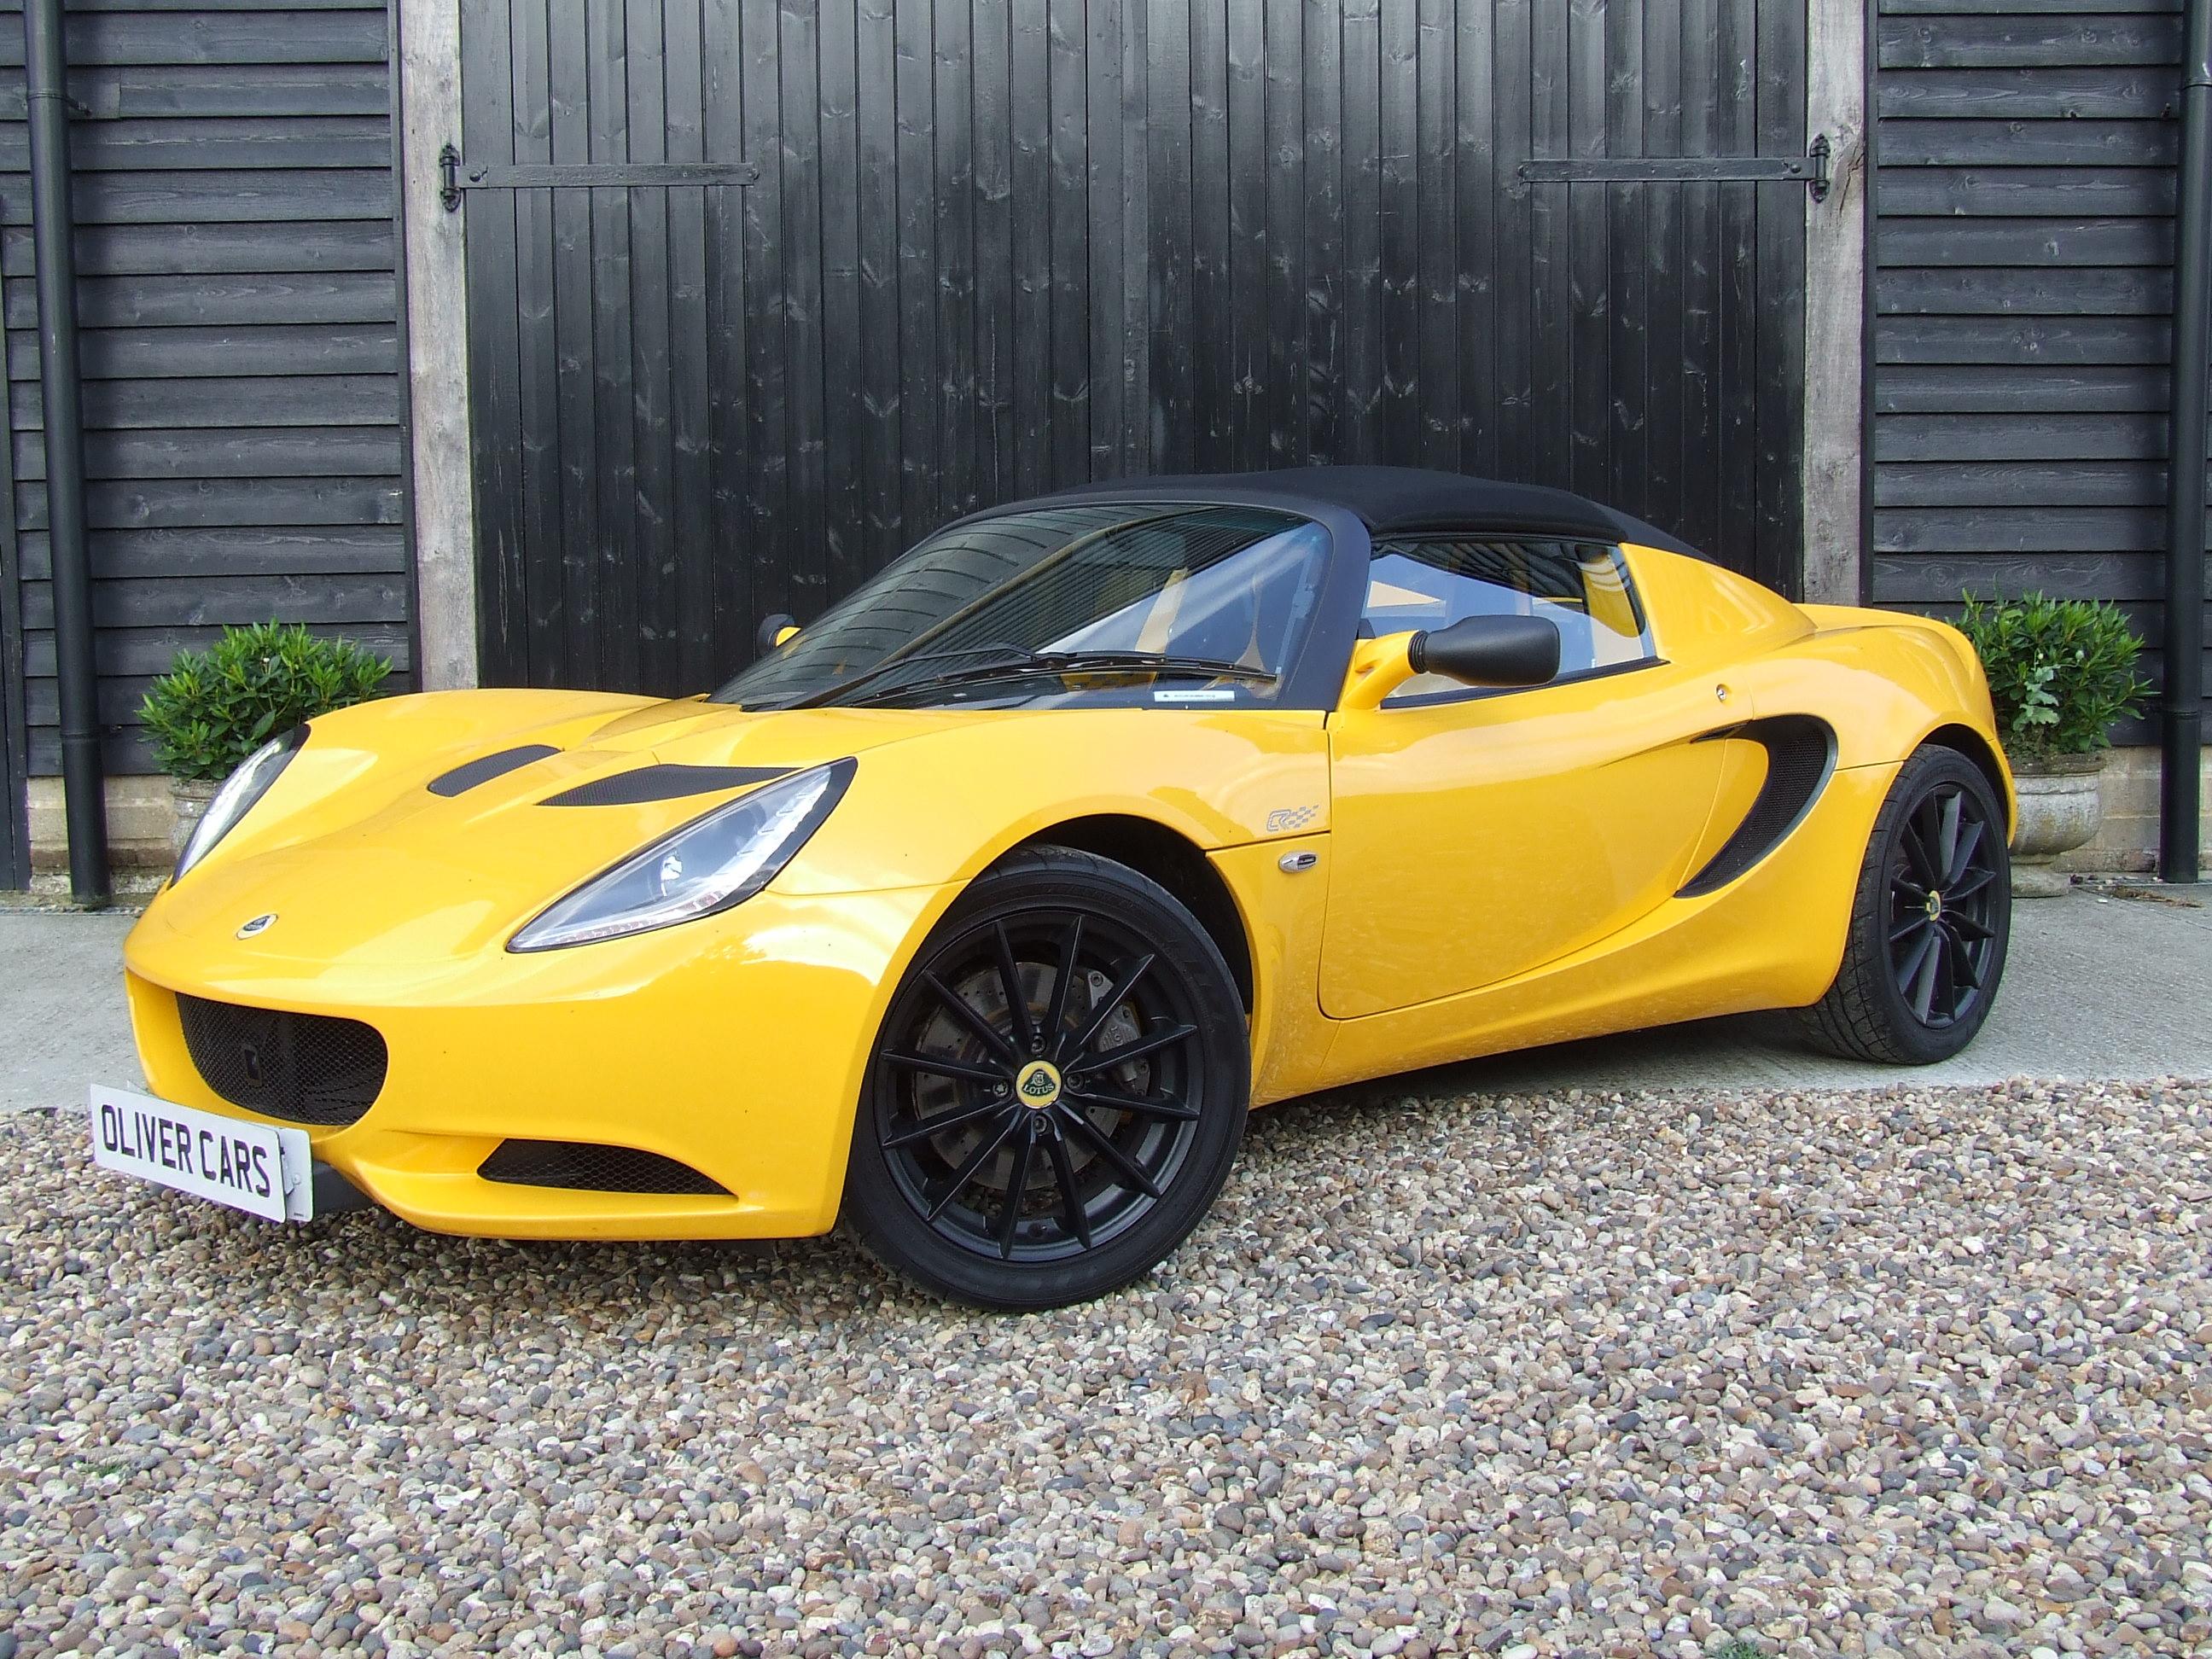 lotus elise club racer oliver cars ltd. Black Bedroom Furniture Sets. Home Design Ideas